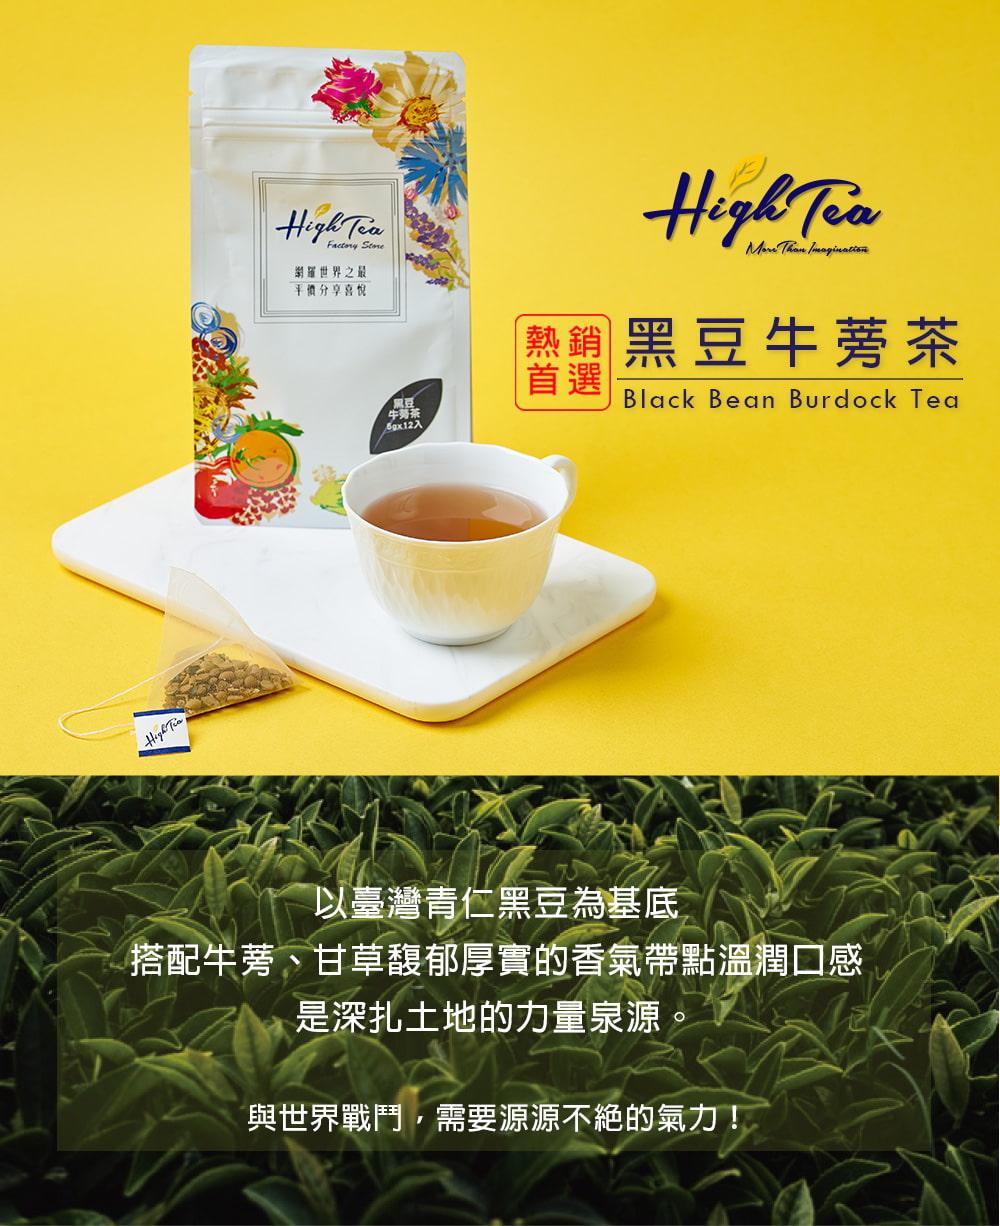 黑豆牛蒡茶,以臺灣青仁黑豆為基底,搭配牛蒡、甘草,馥郁厚實的香氣帶點溫潤口感,是深扎土地的力量泉源。與世界戰鬥,需要源源不絕的氣力!